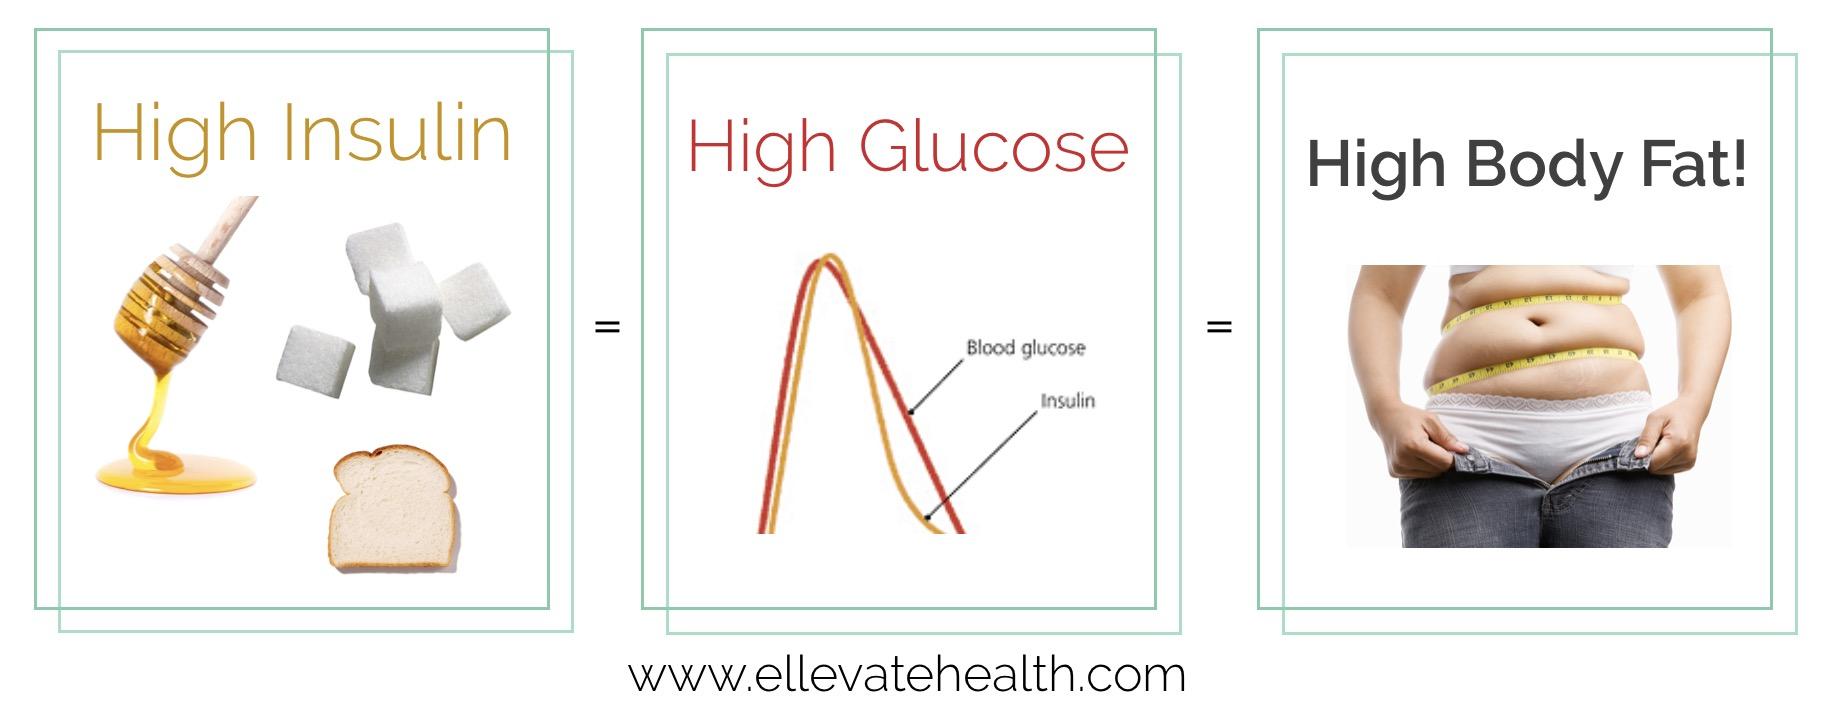 glucose_insulin_bodyfat